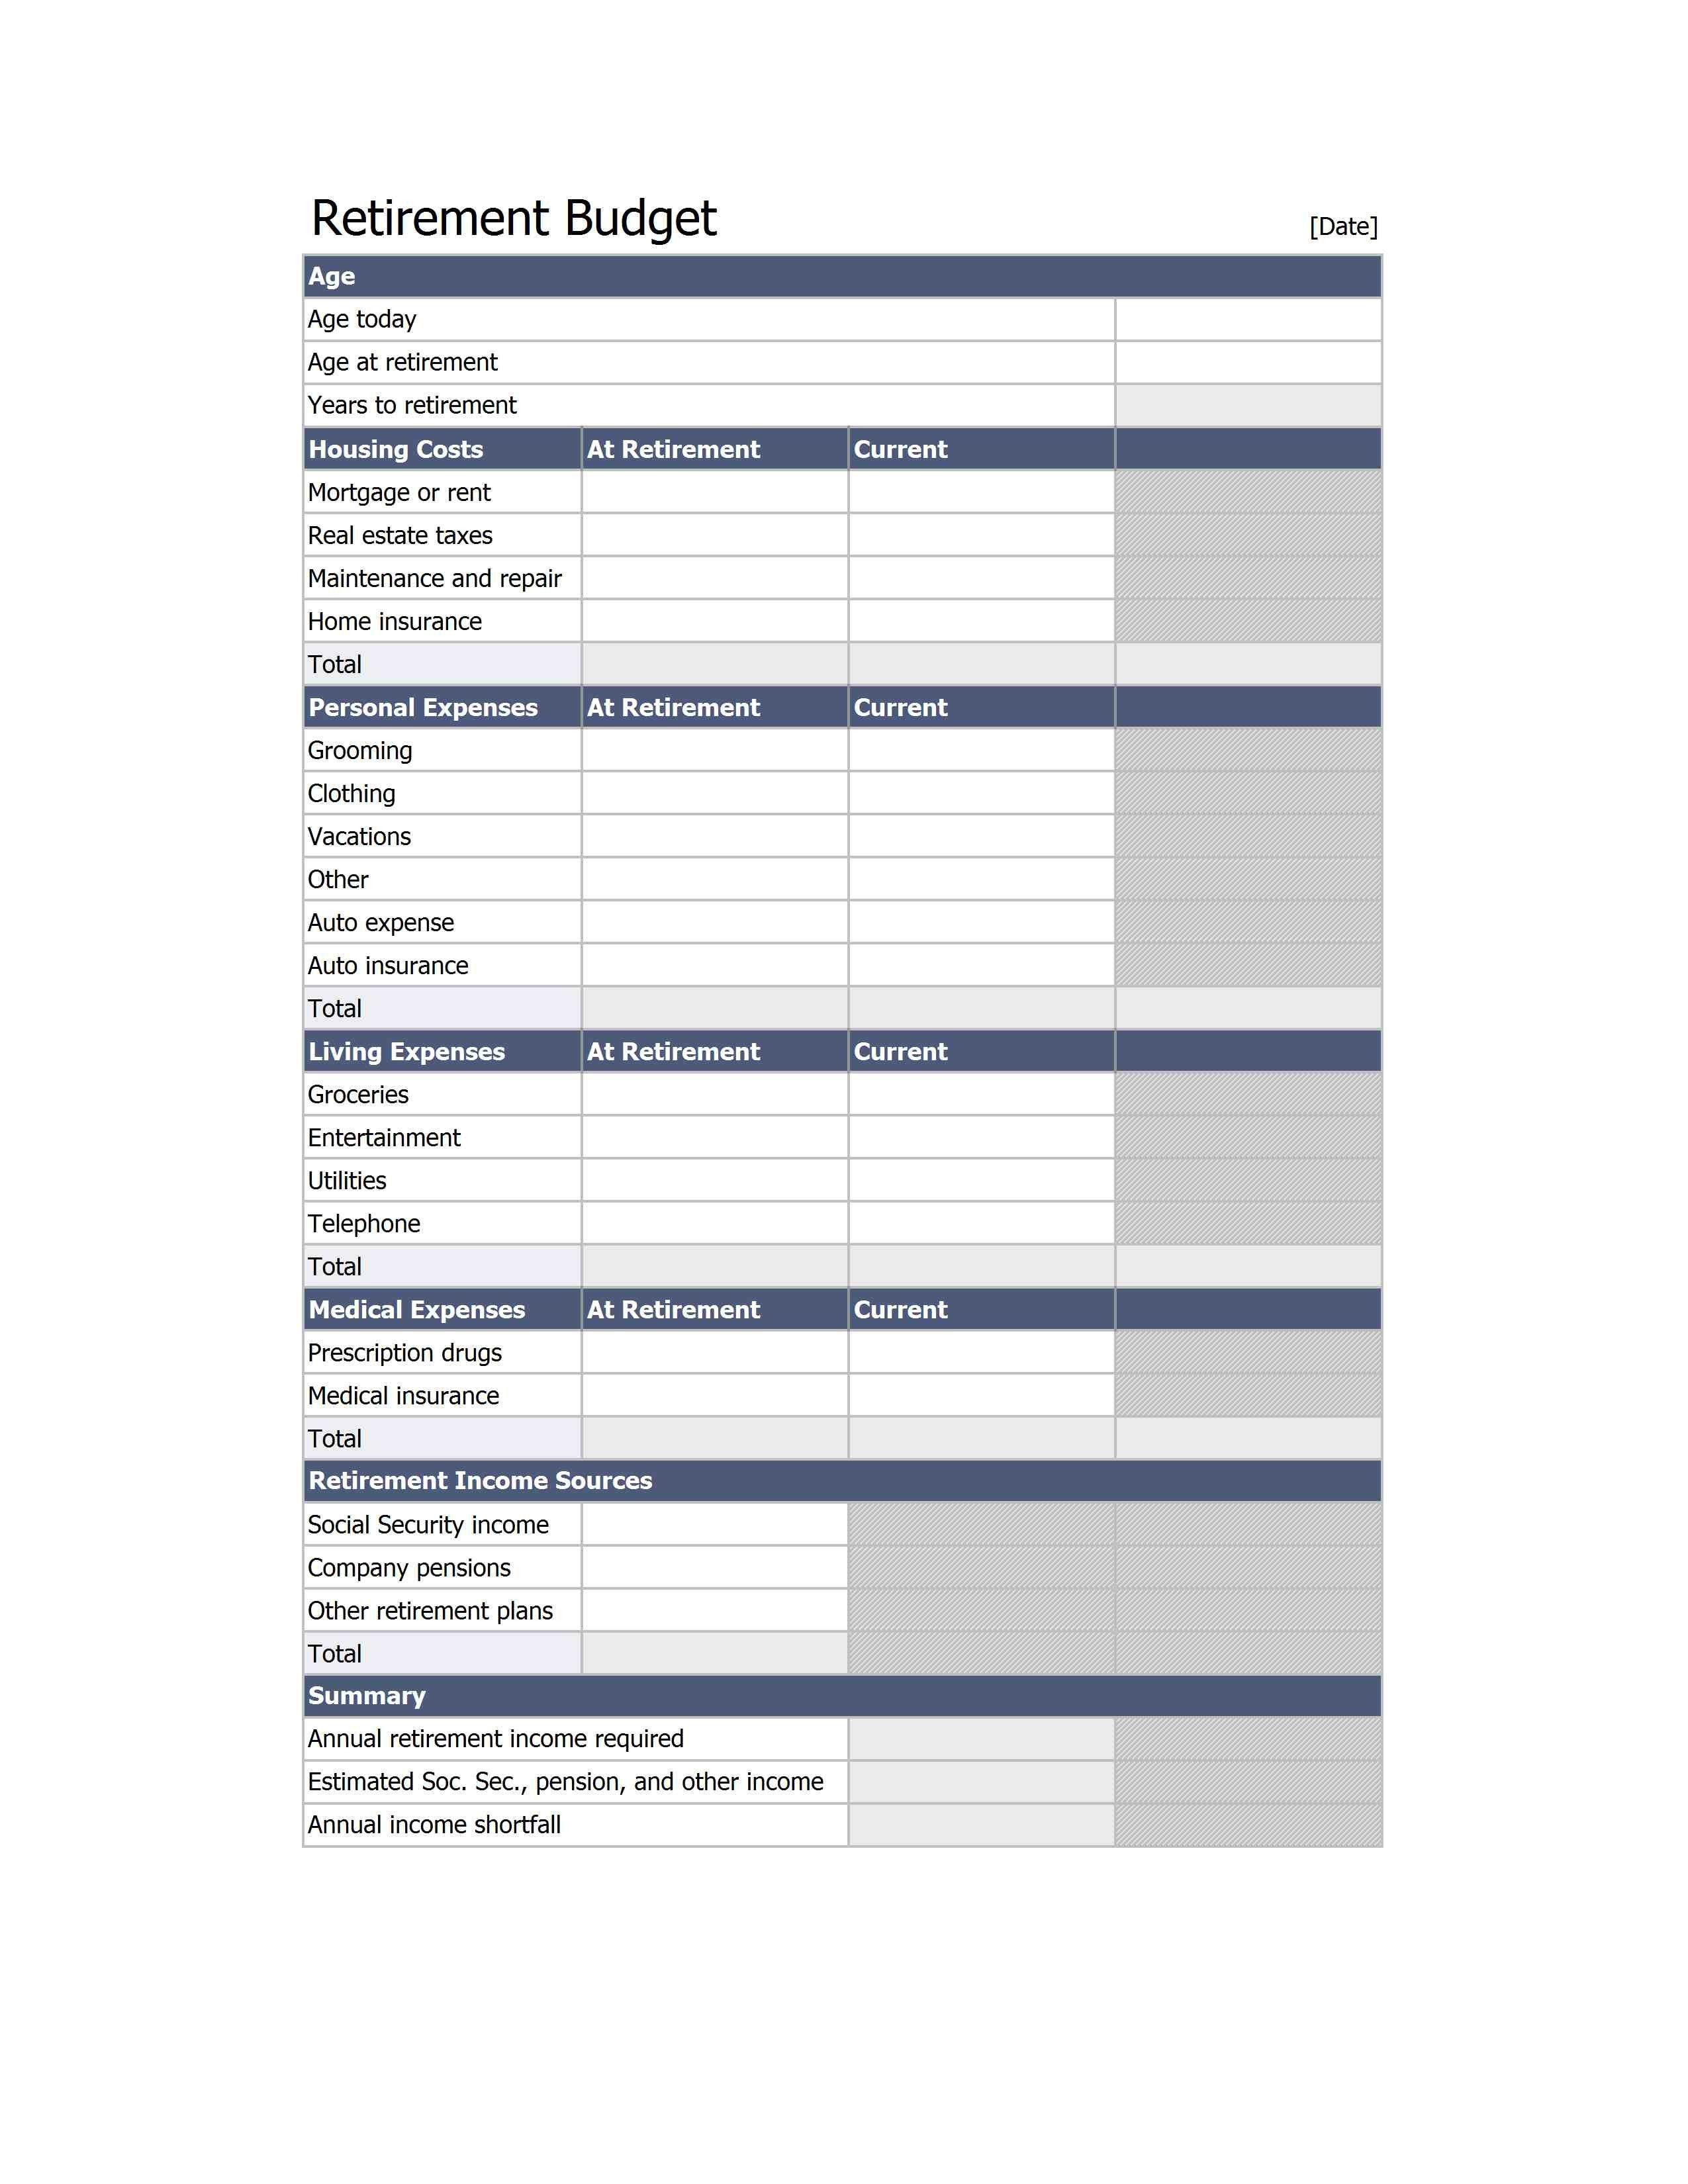 Exceltemplate Xls Xlstemplate Xlsformat Excelformat Microsoftexcel Home Budget Template Retirement Budget Budget Spreadsheet